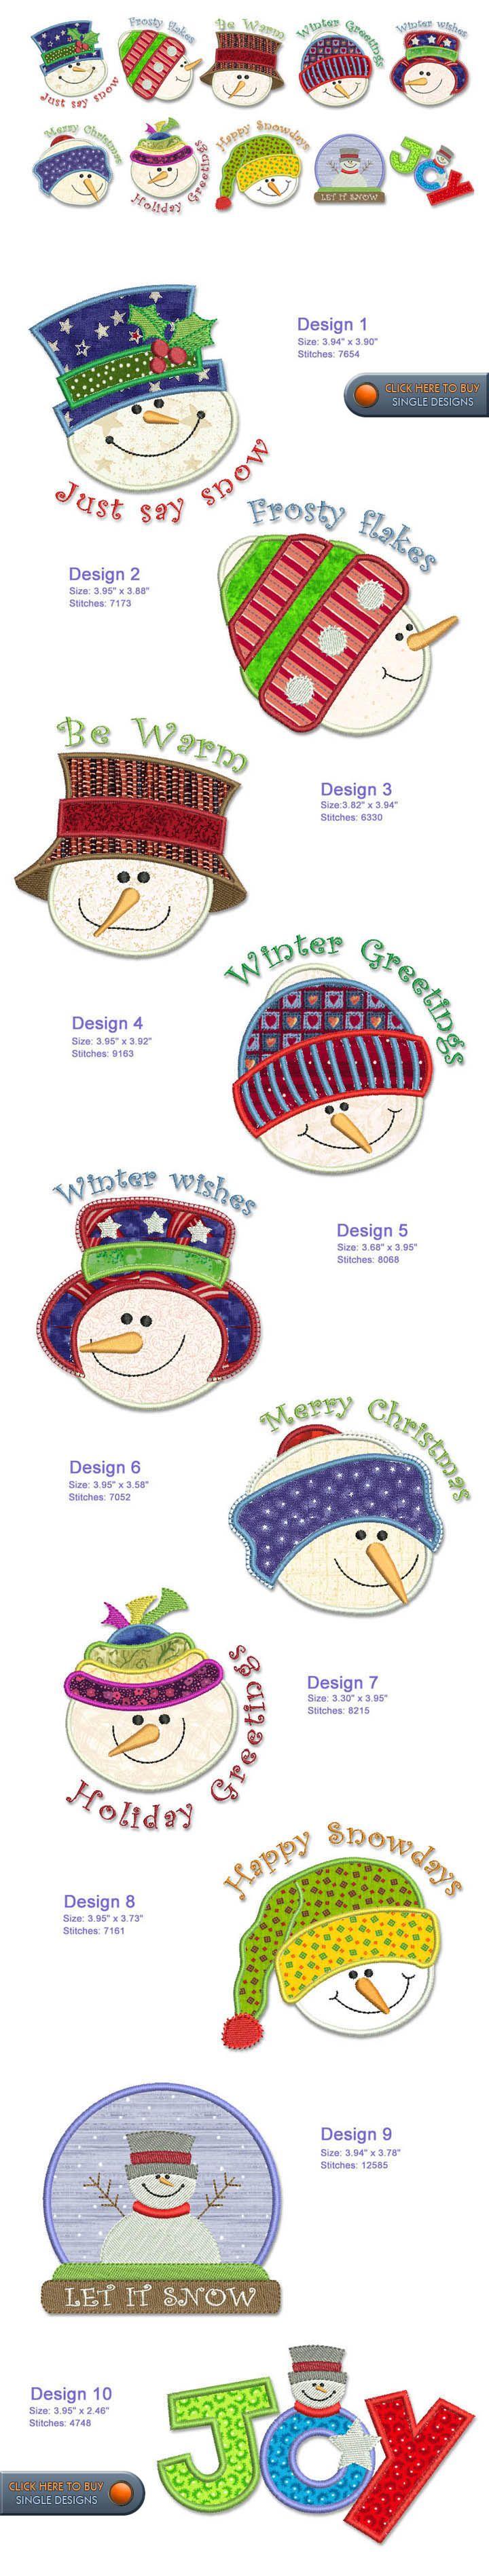 Cáritas de muñecos de nieve   laminas   Pinterest   Nieve, Navidad y ...